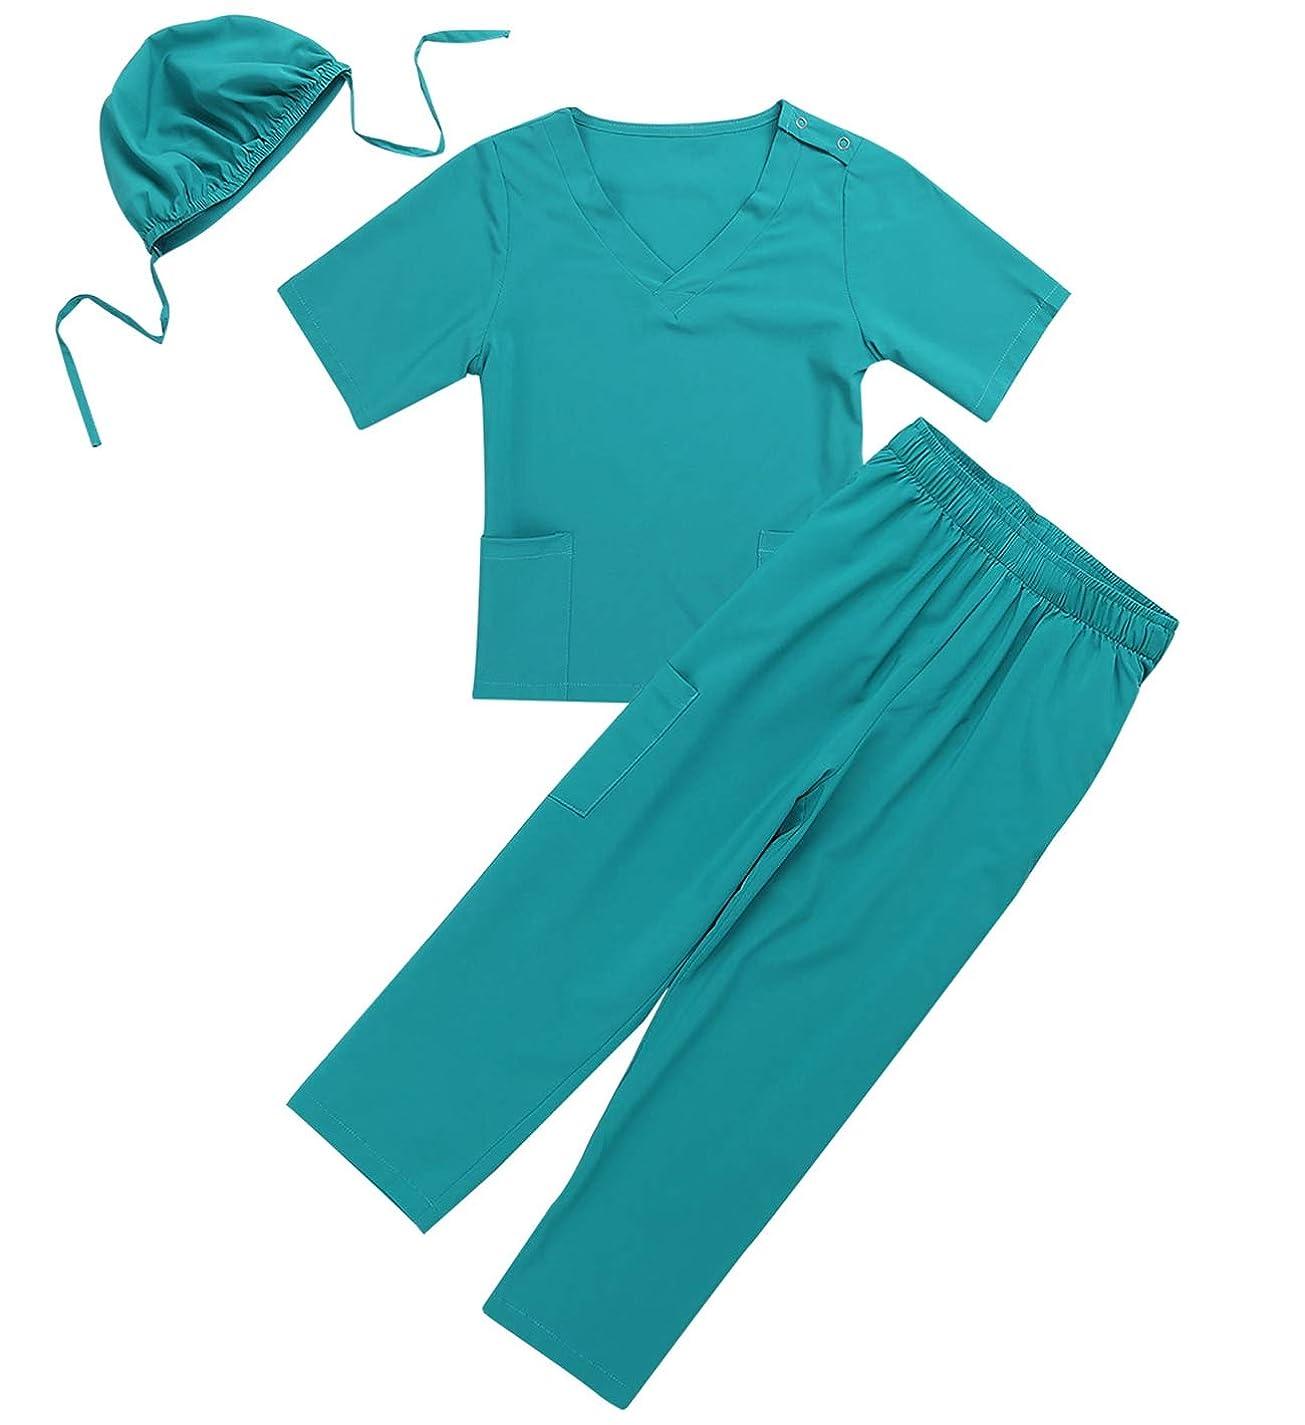 ブースト間違っている悲惨な(フィーショー) FEESHOW 男女兼用 子供 女の子 男の子 外科医 コスプレ 医者 手術服 手術コスチューム 仮装 キッズ用 手術師コスプレ衣装 グリーン 120